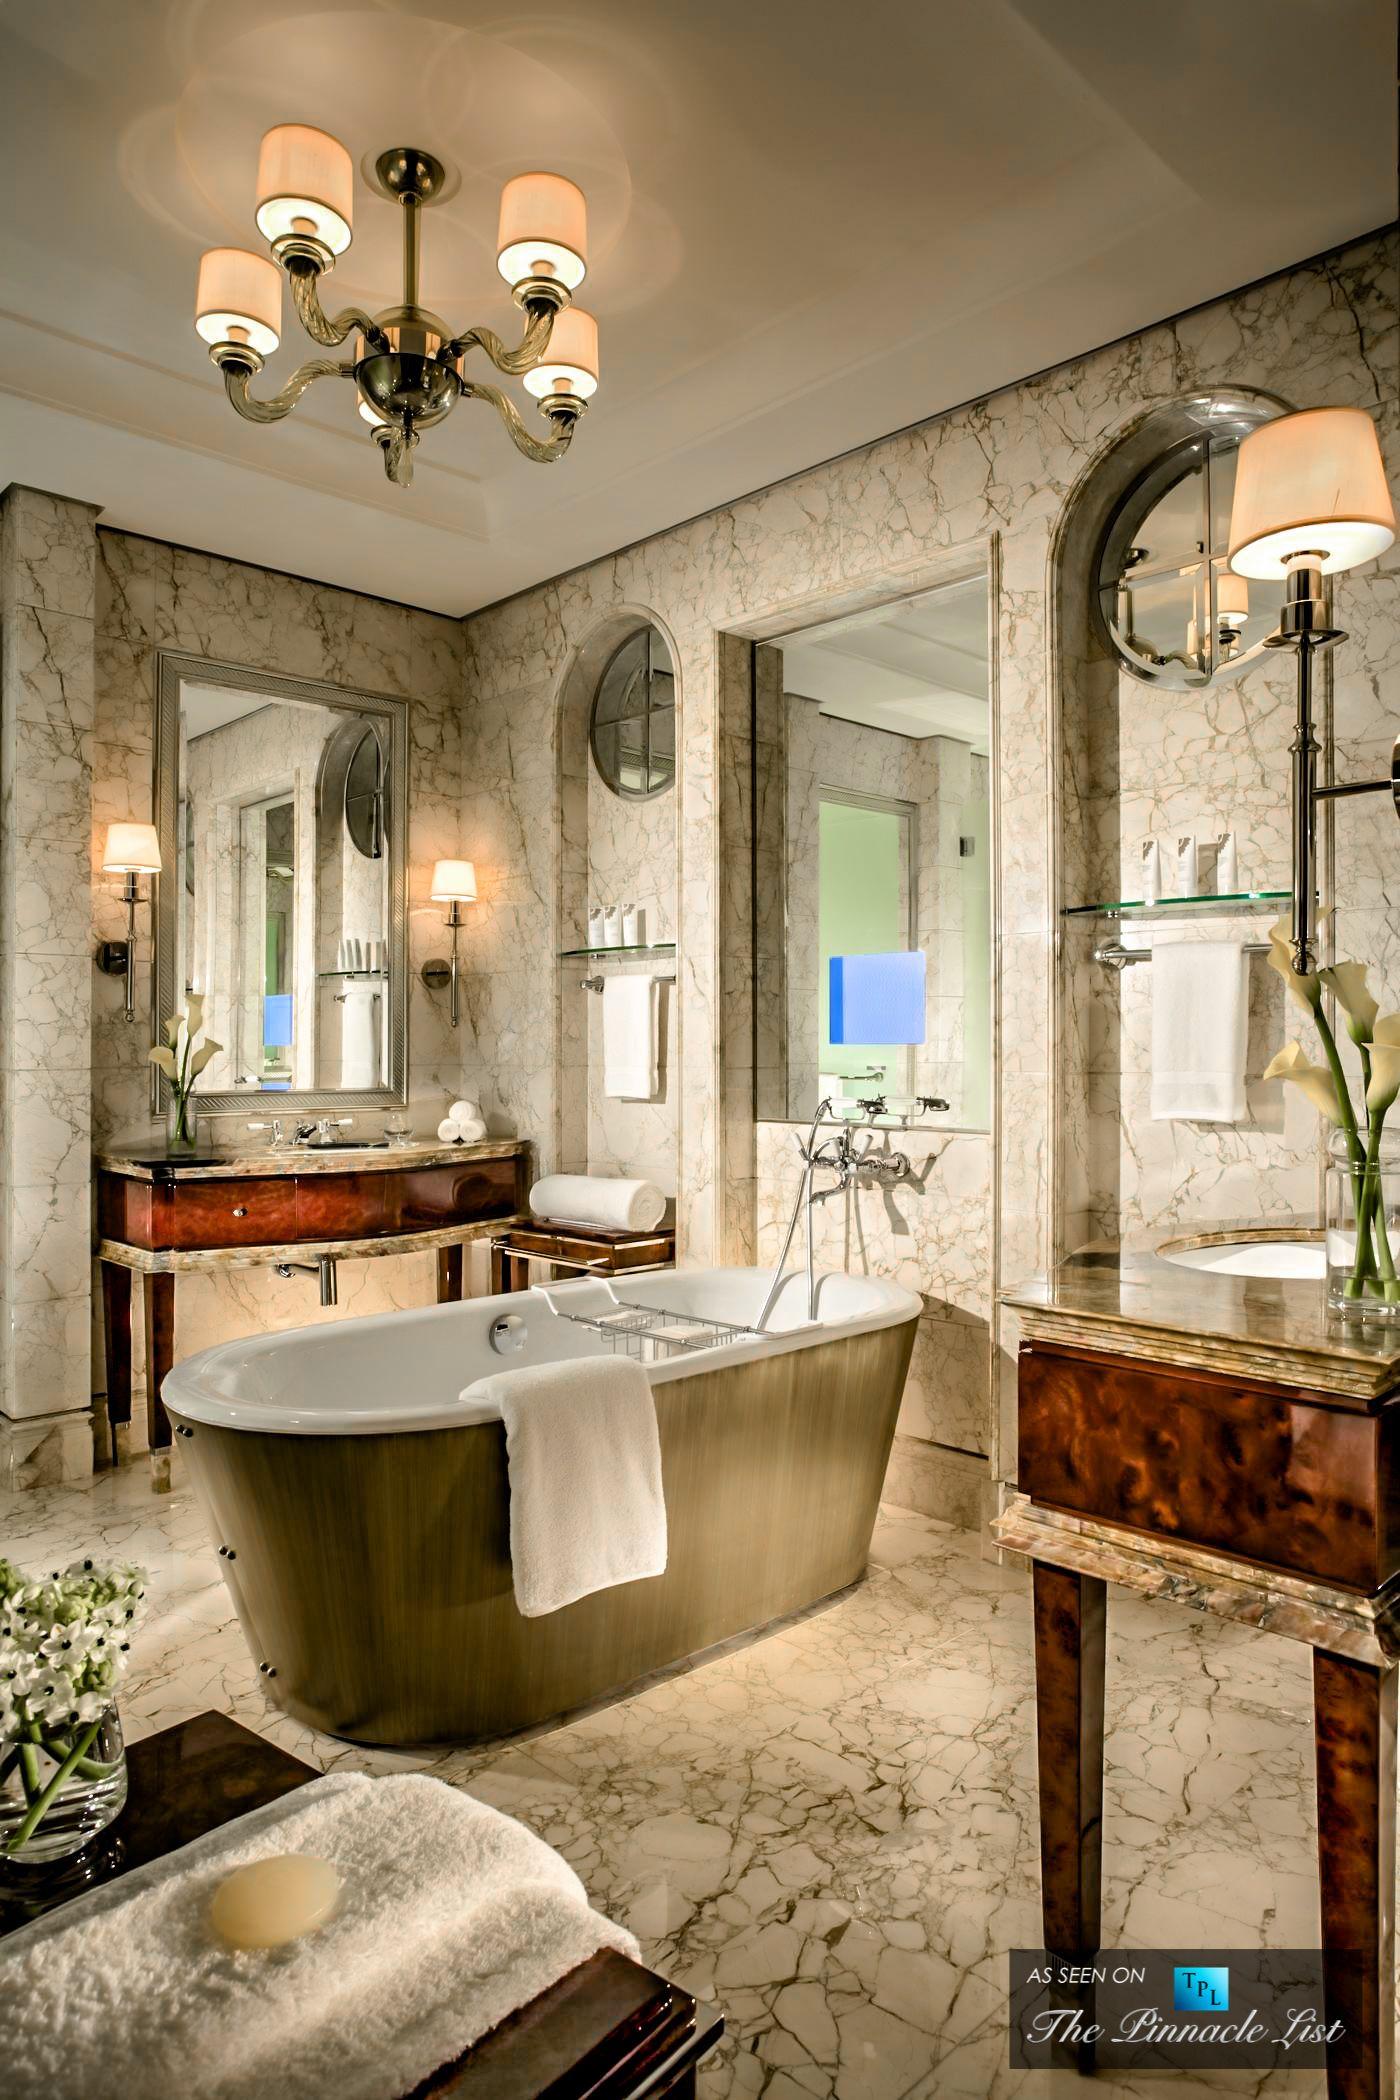 Exotic Hotel Rooms: St. Regis Luxury Hotel